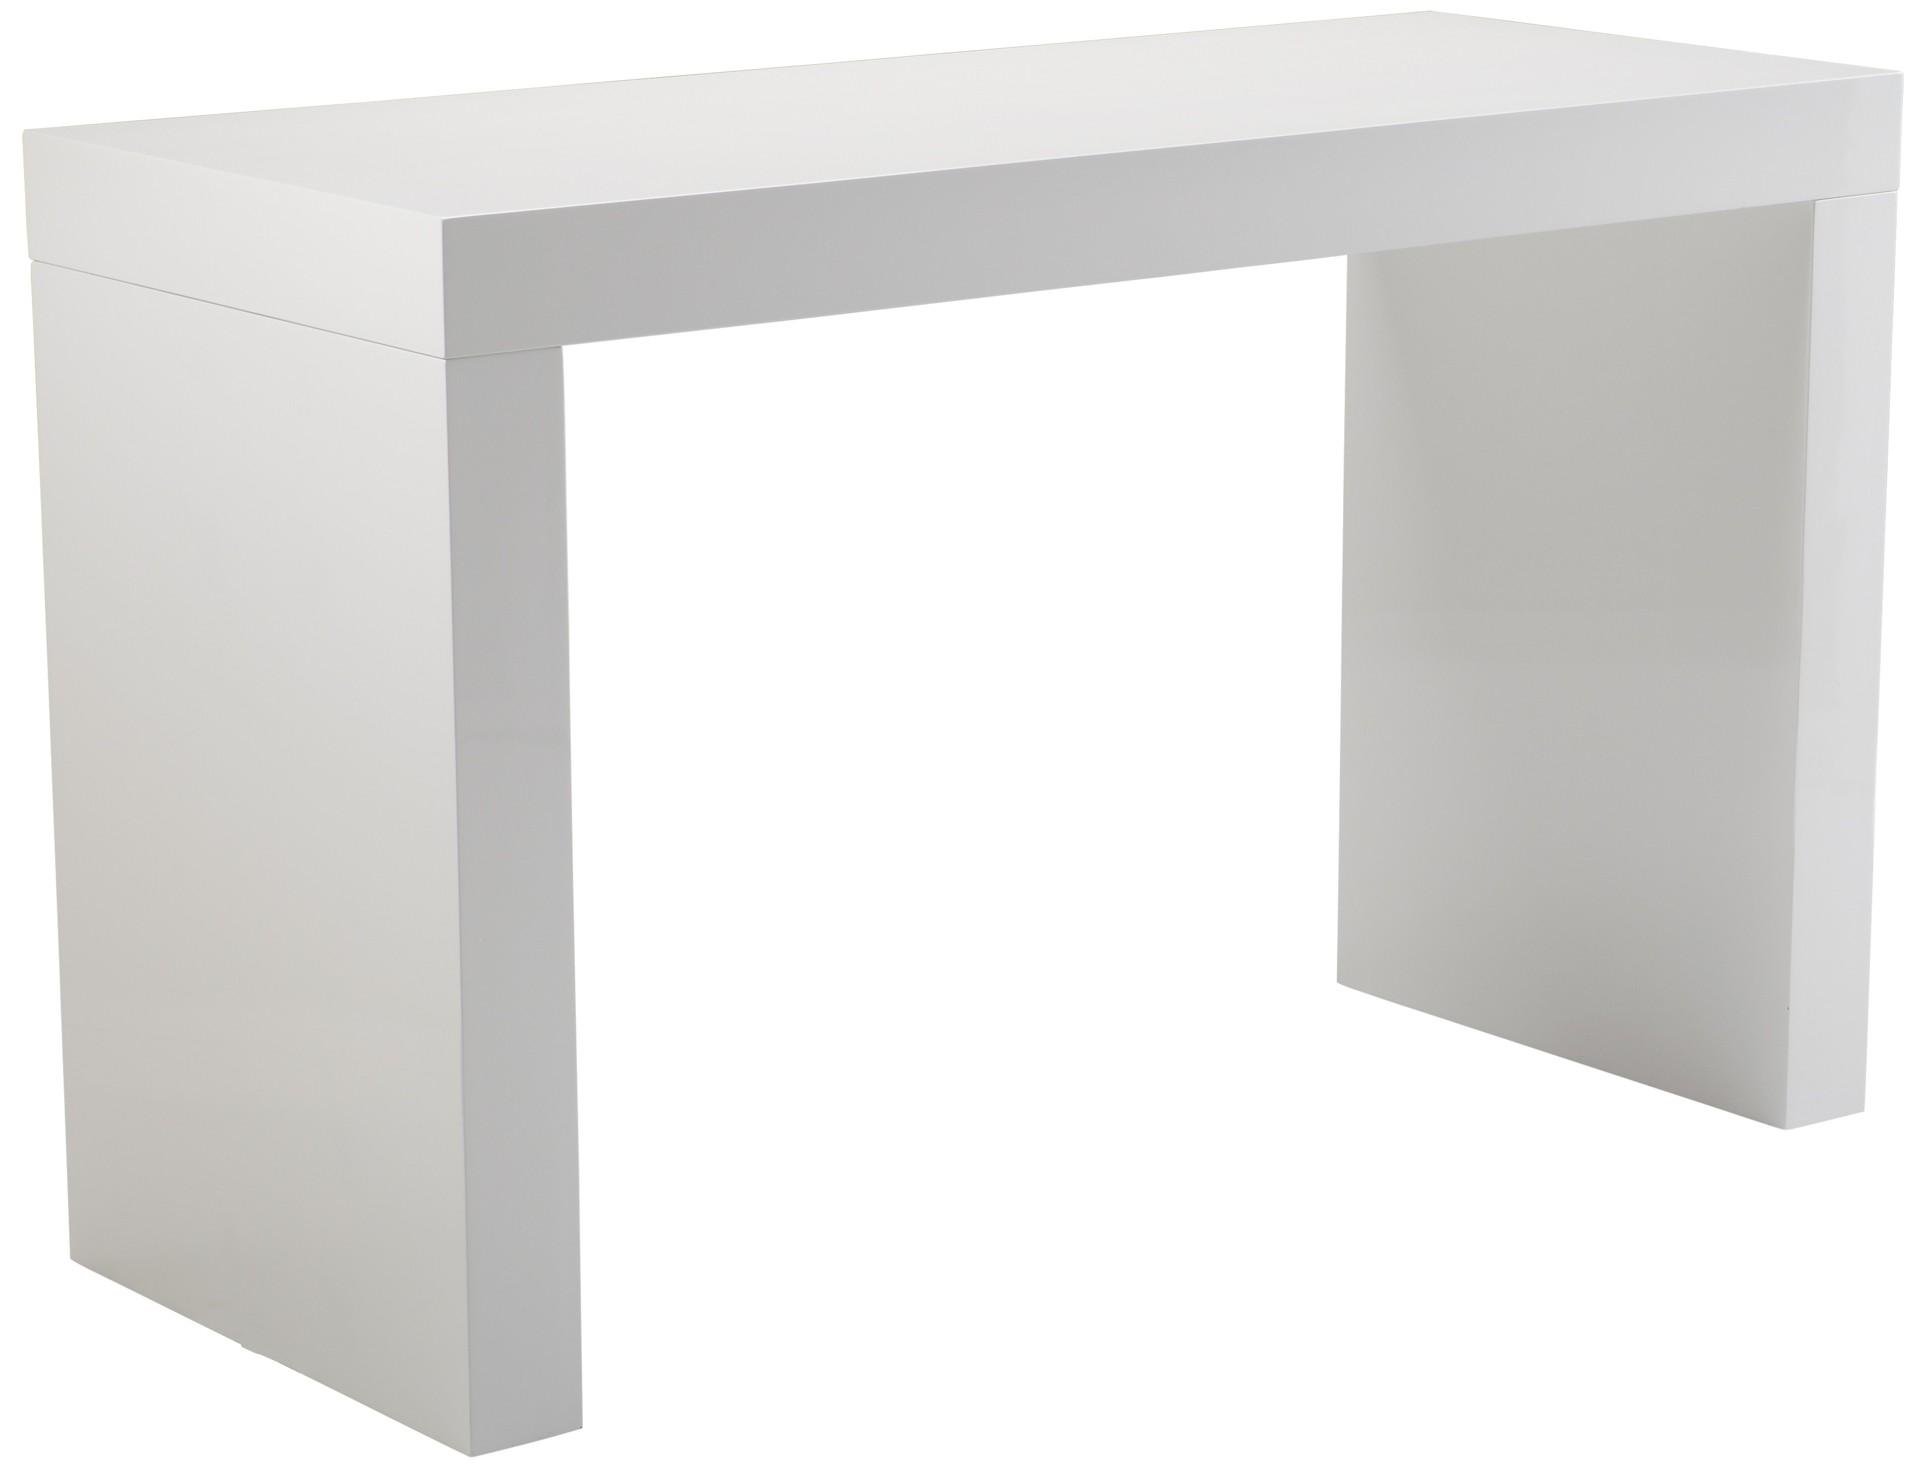 Faro White High Gloss C Shape Bar Table From Sunpan 50257